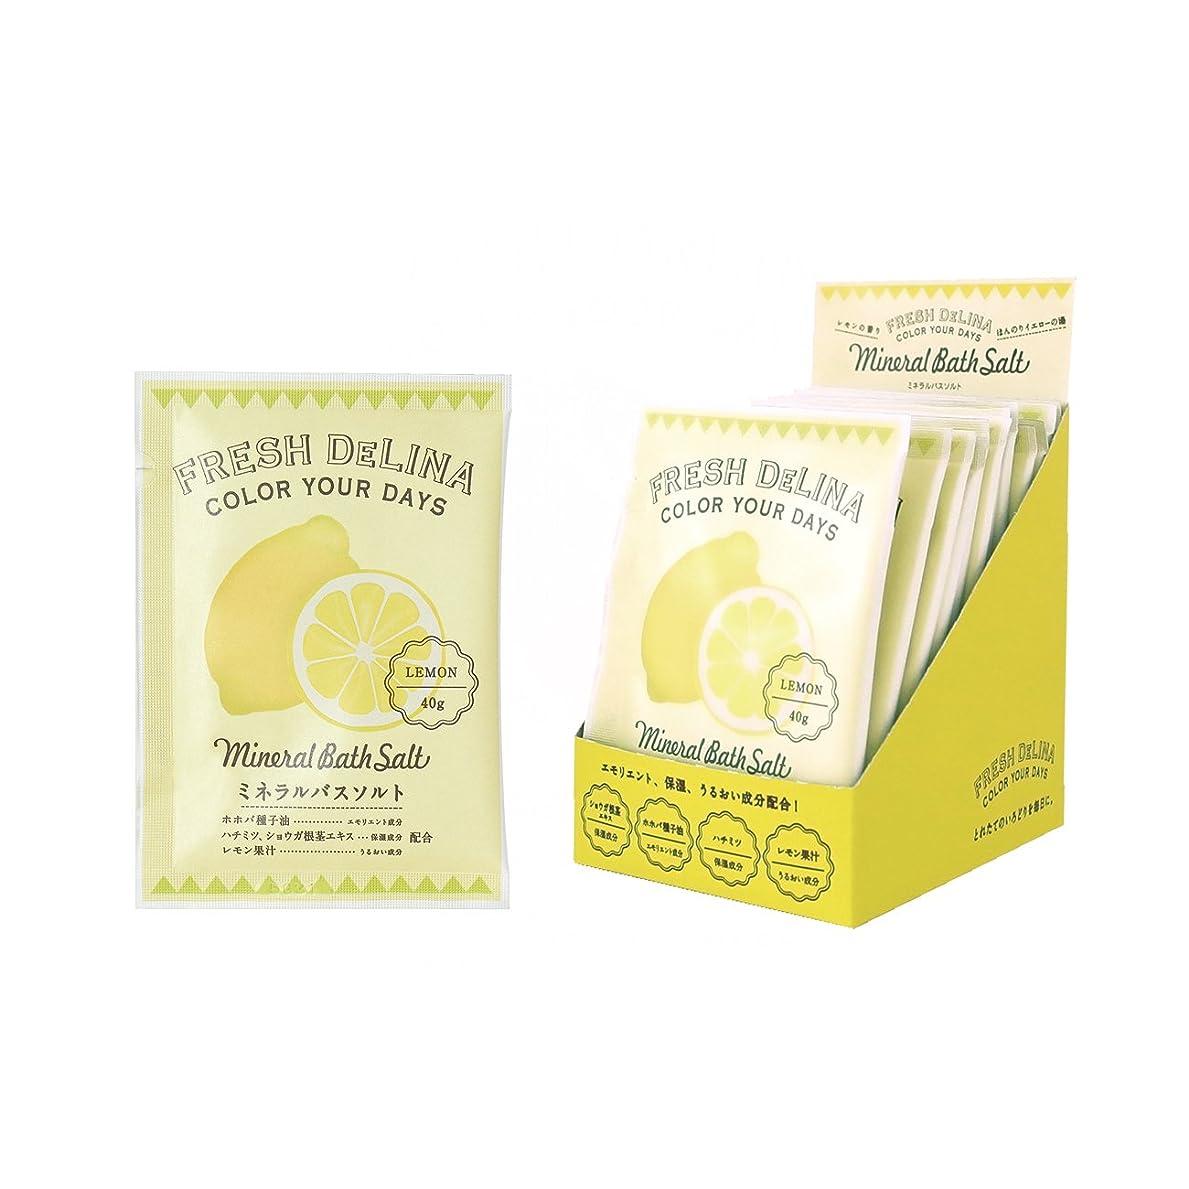 予感プラグ楽観的フレッシュデリーナ ミネラルバスソルト40g(レモン) 12個 (海塩タイプ入浴料 日本製 どこかなつかしいフレッシュなレモンの香り)